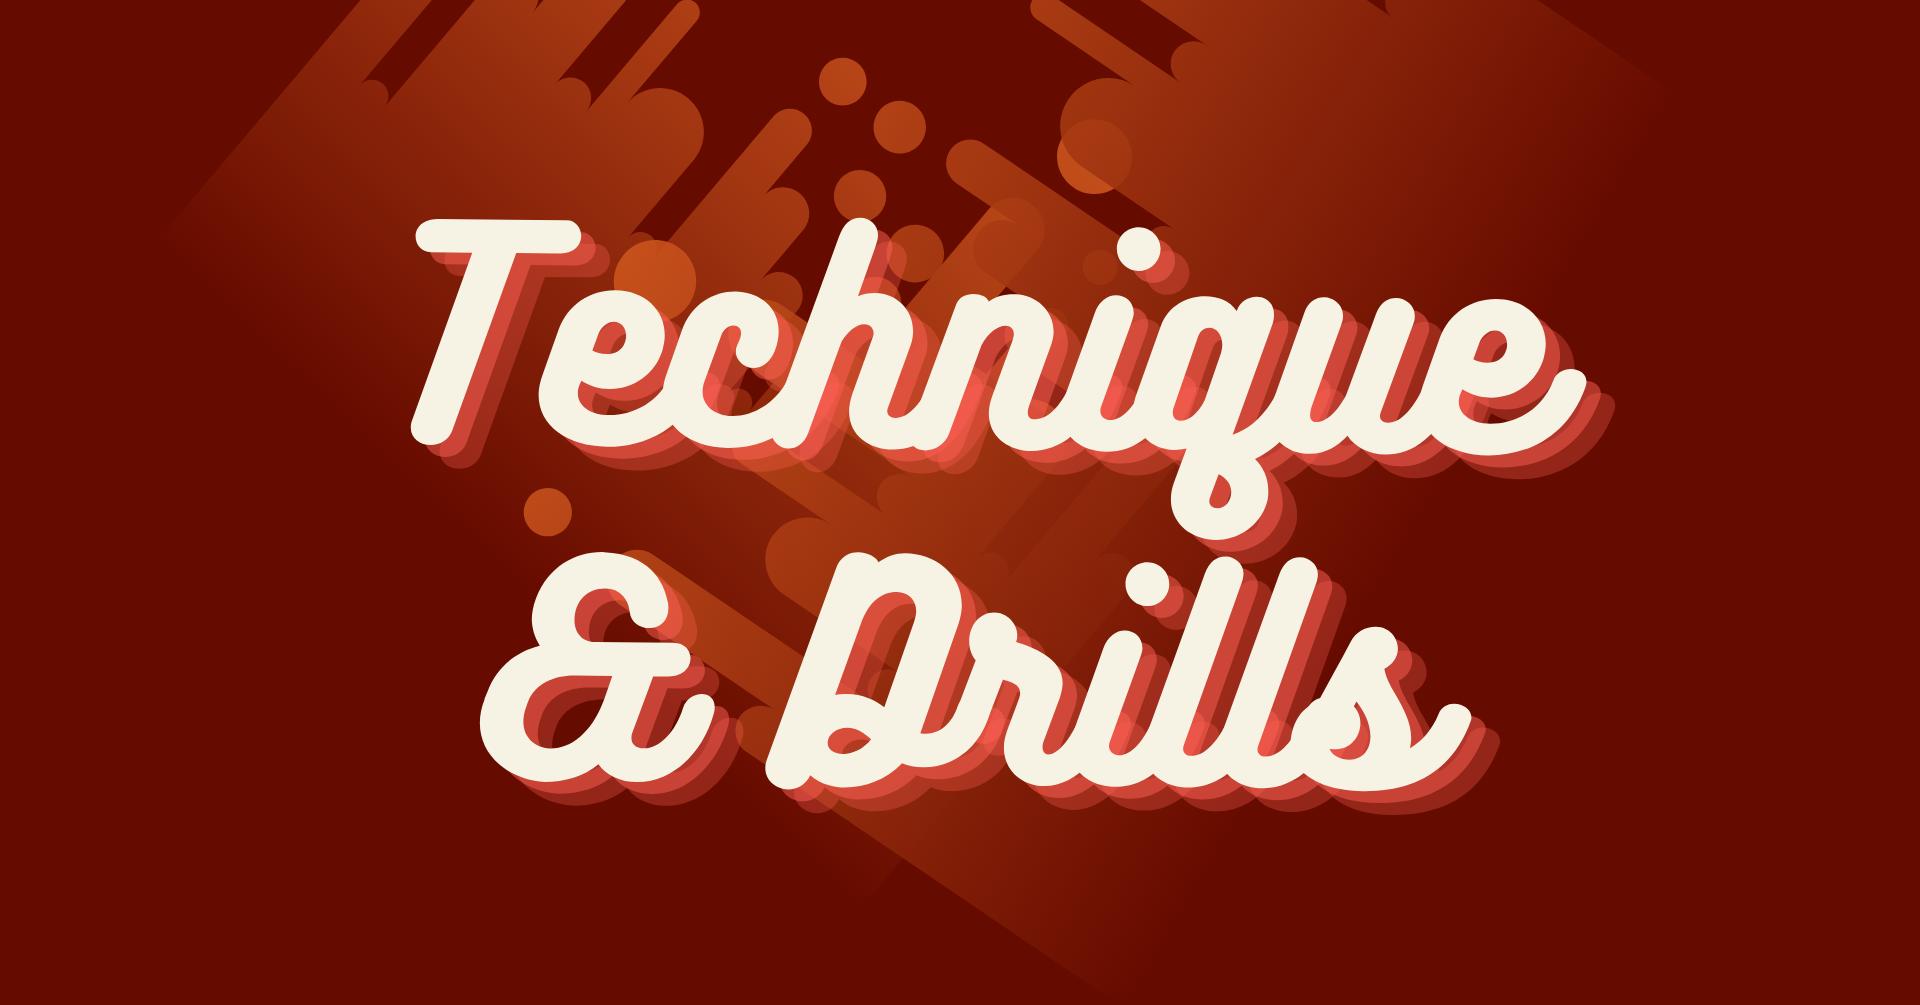 Technique & Drills